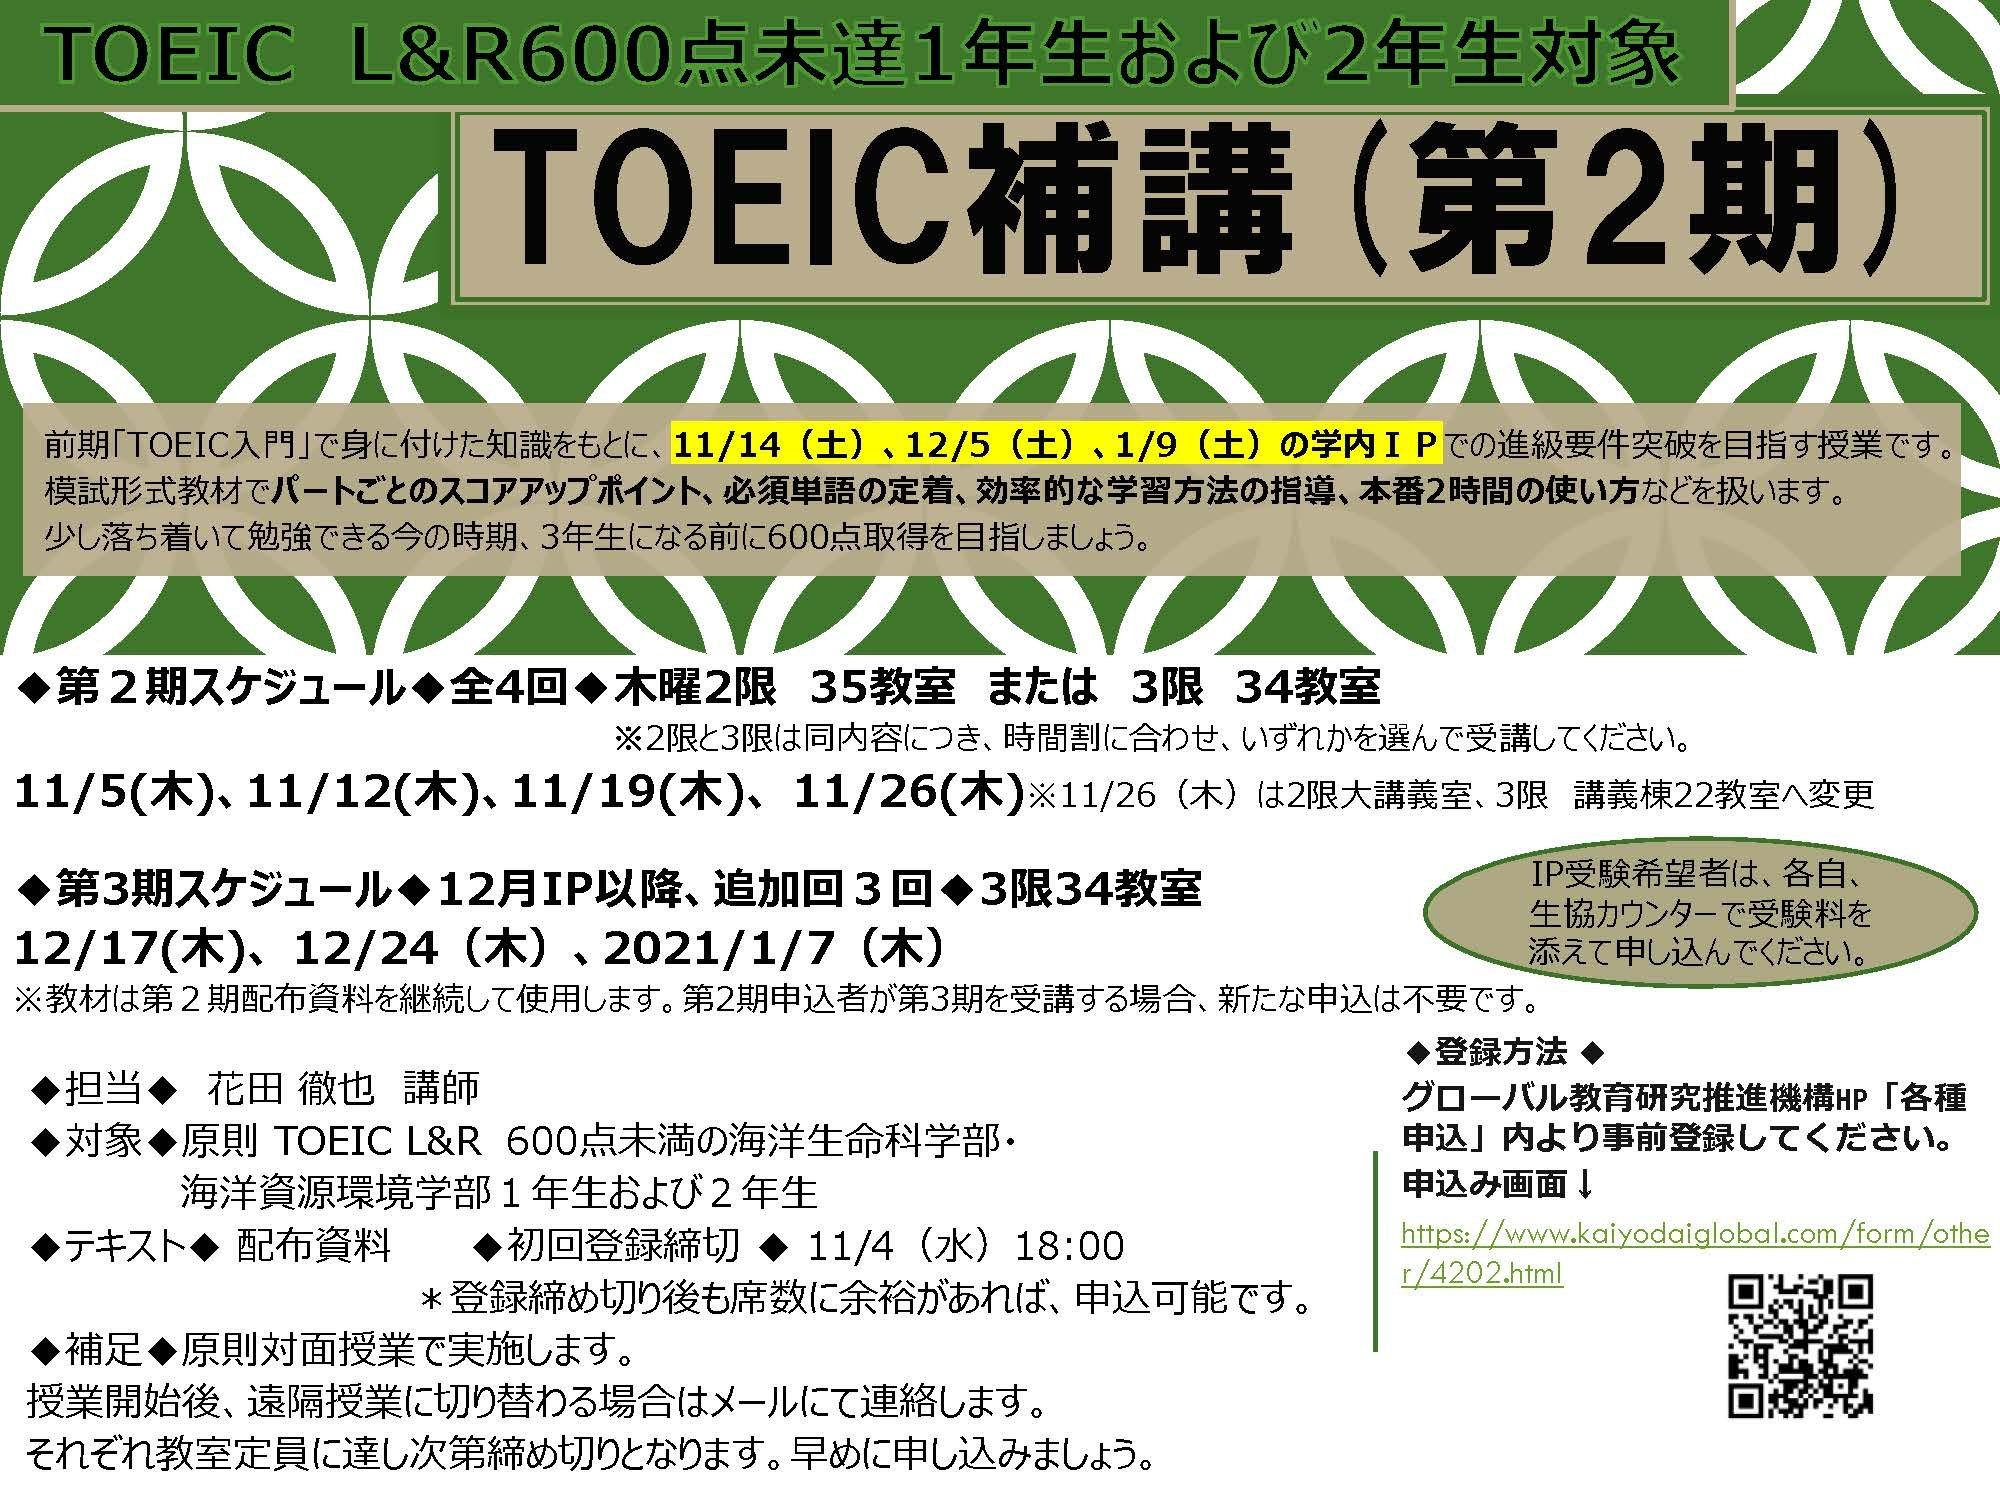 TOEIC補講(第2期)を行います!!